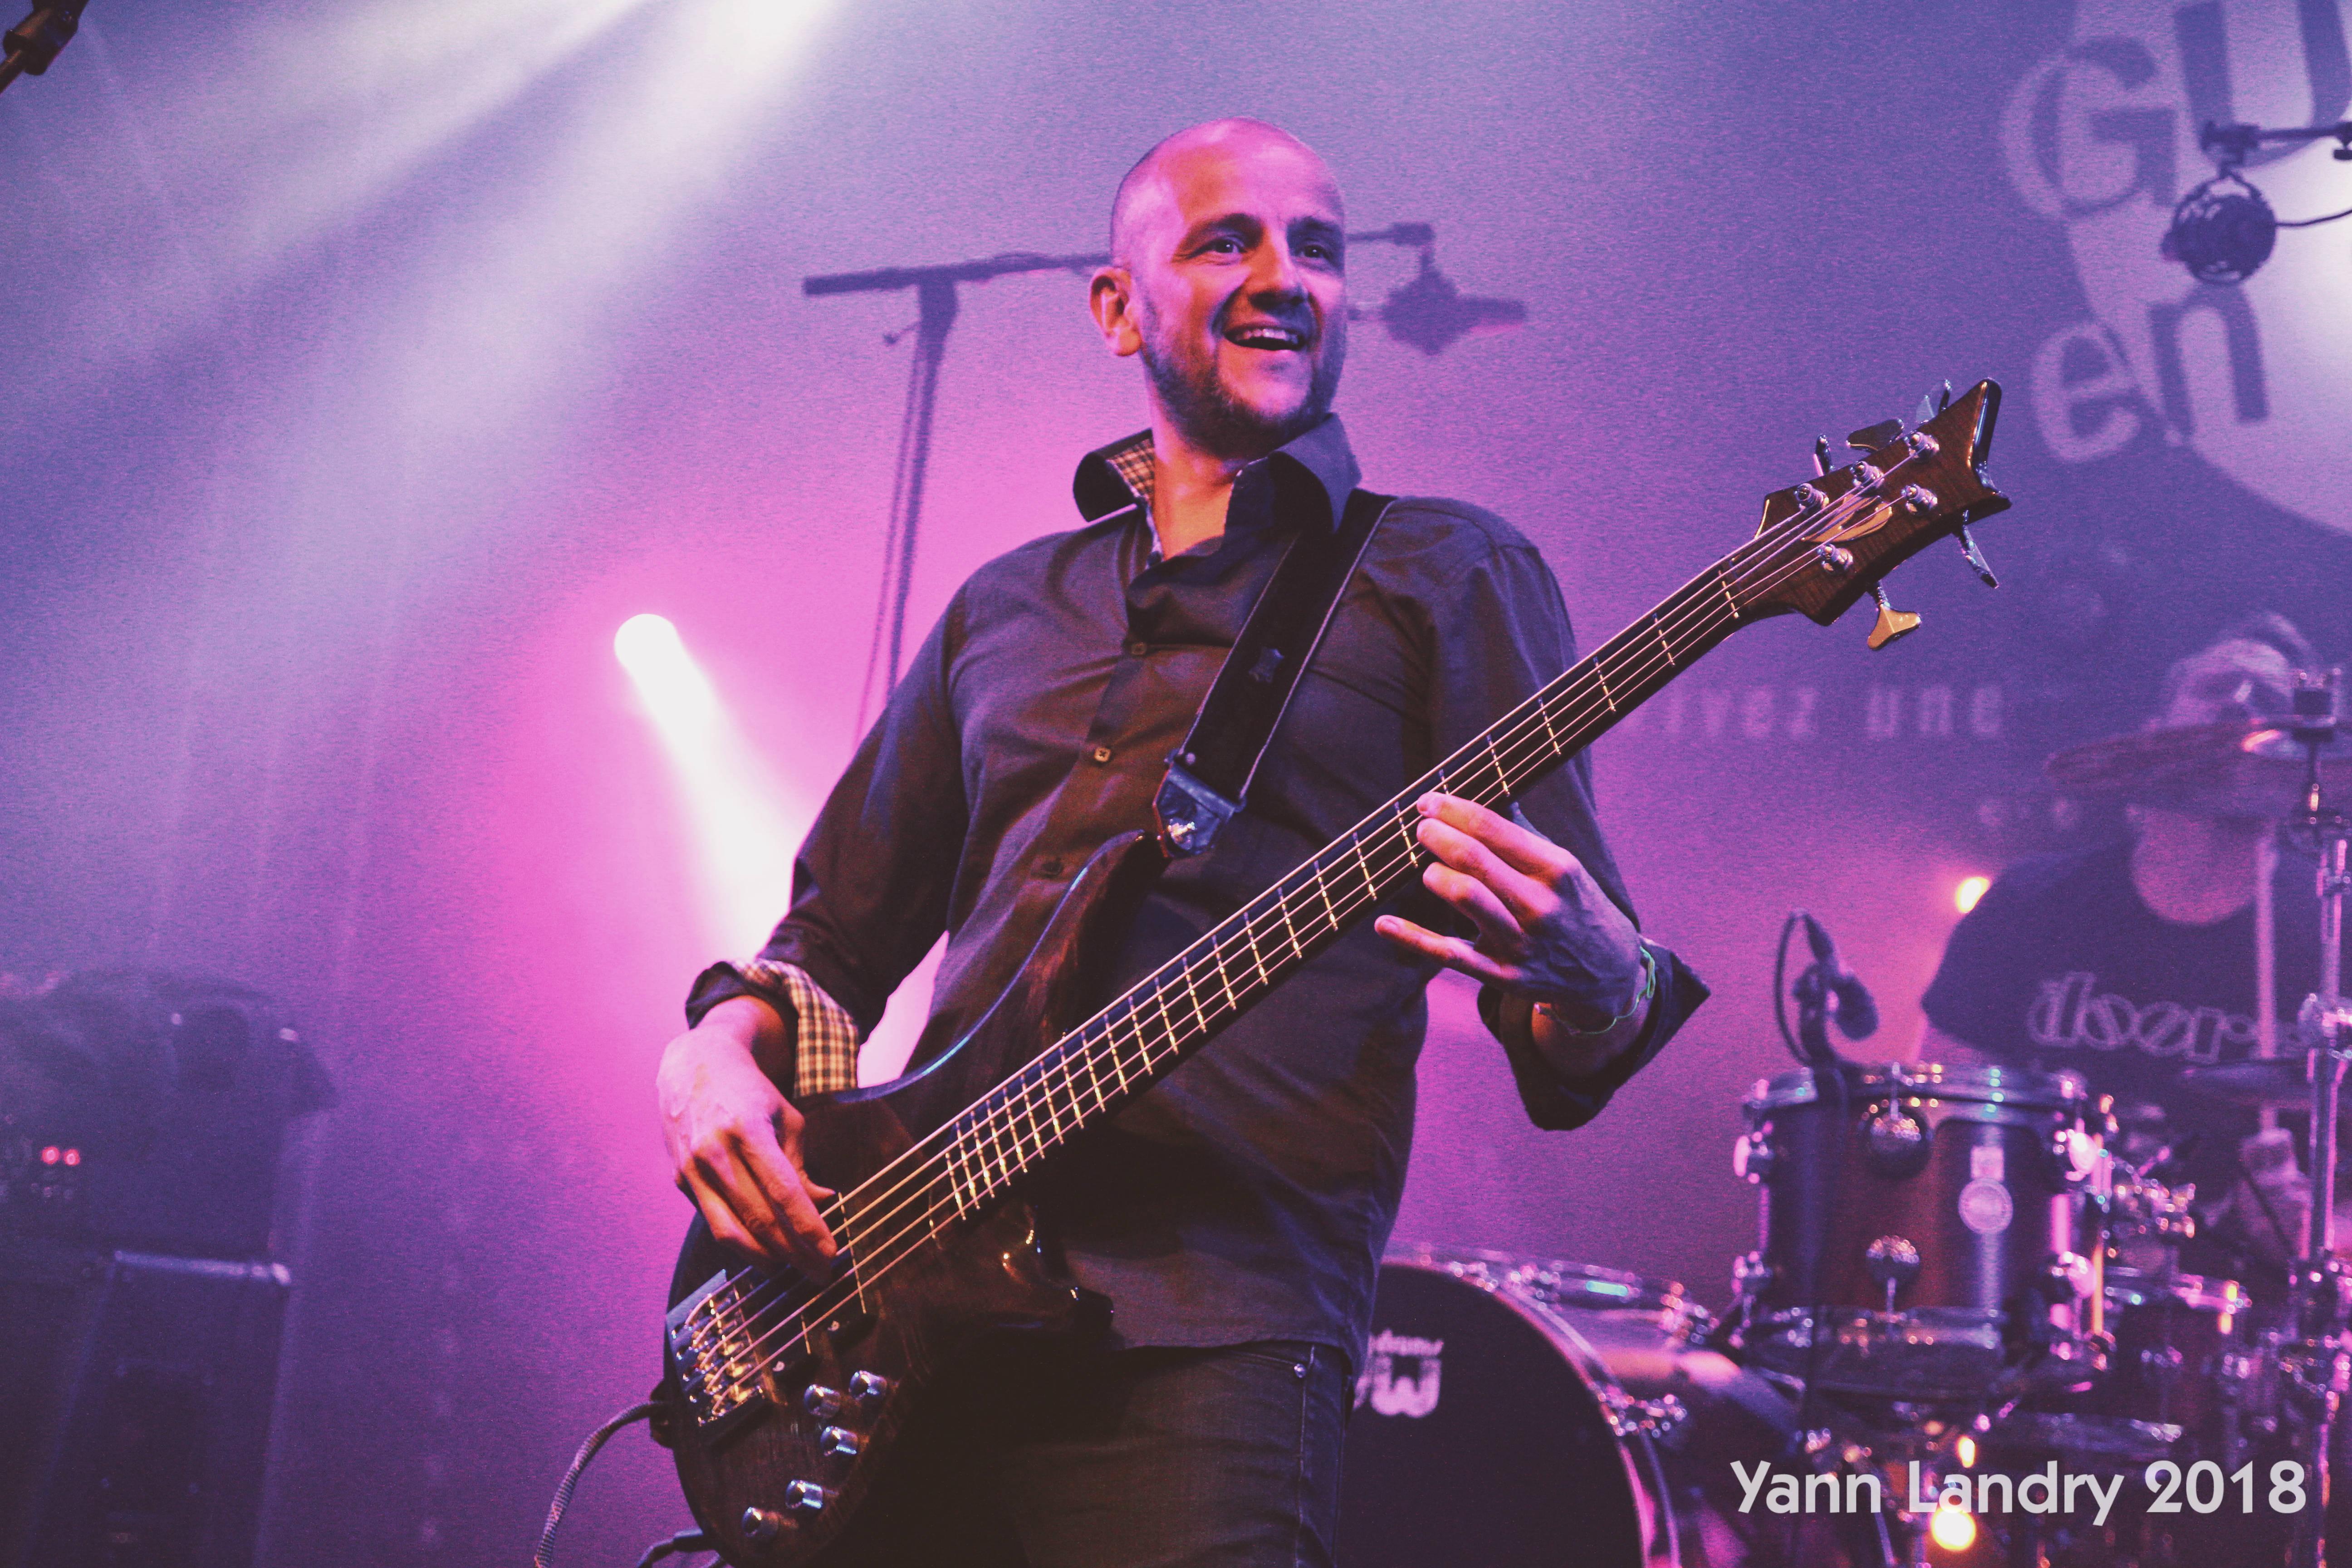 héhé je suis content, bande de chauves, placement de produit Steradent, basse, Blues, Yann Landry